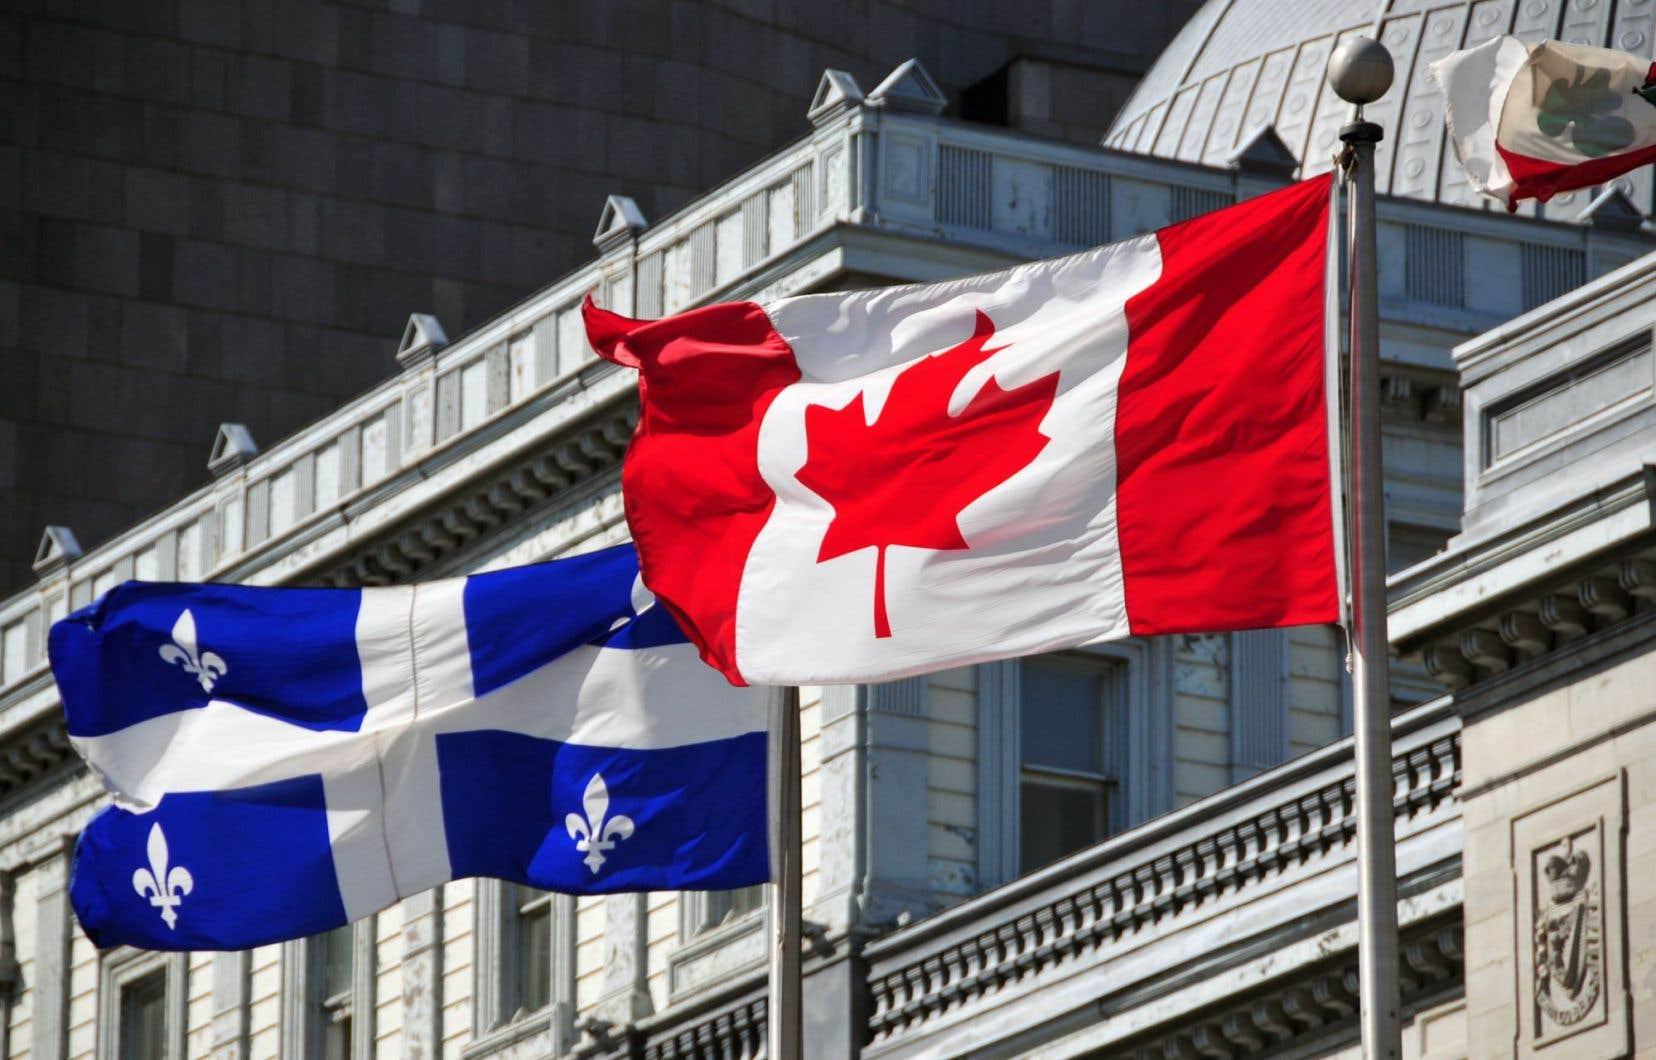 Les Canadiens nés à l'étranger ont tendance à être plus positifs que les anglophones nés au Canada quant au bilinguisme.